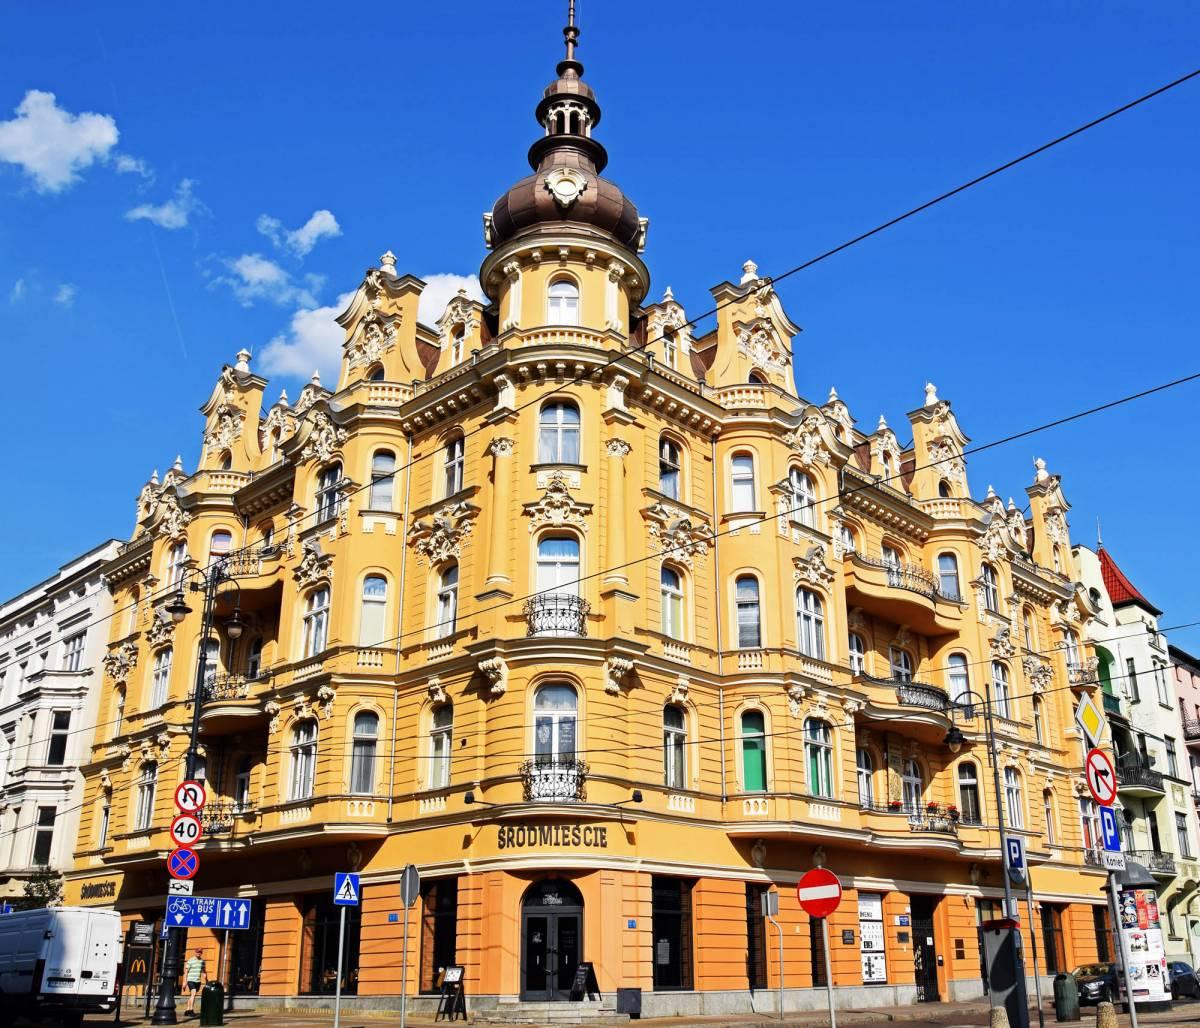 Dookoła Śródmieścia - Spacer z przewodnikiem po Bydgoszczy